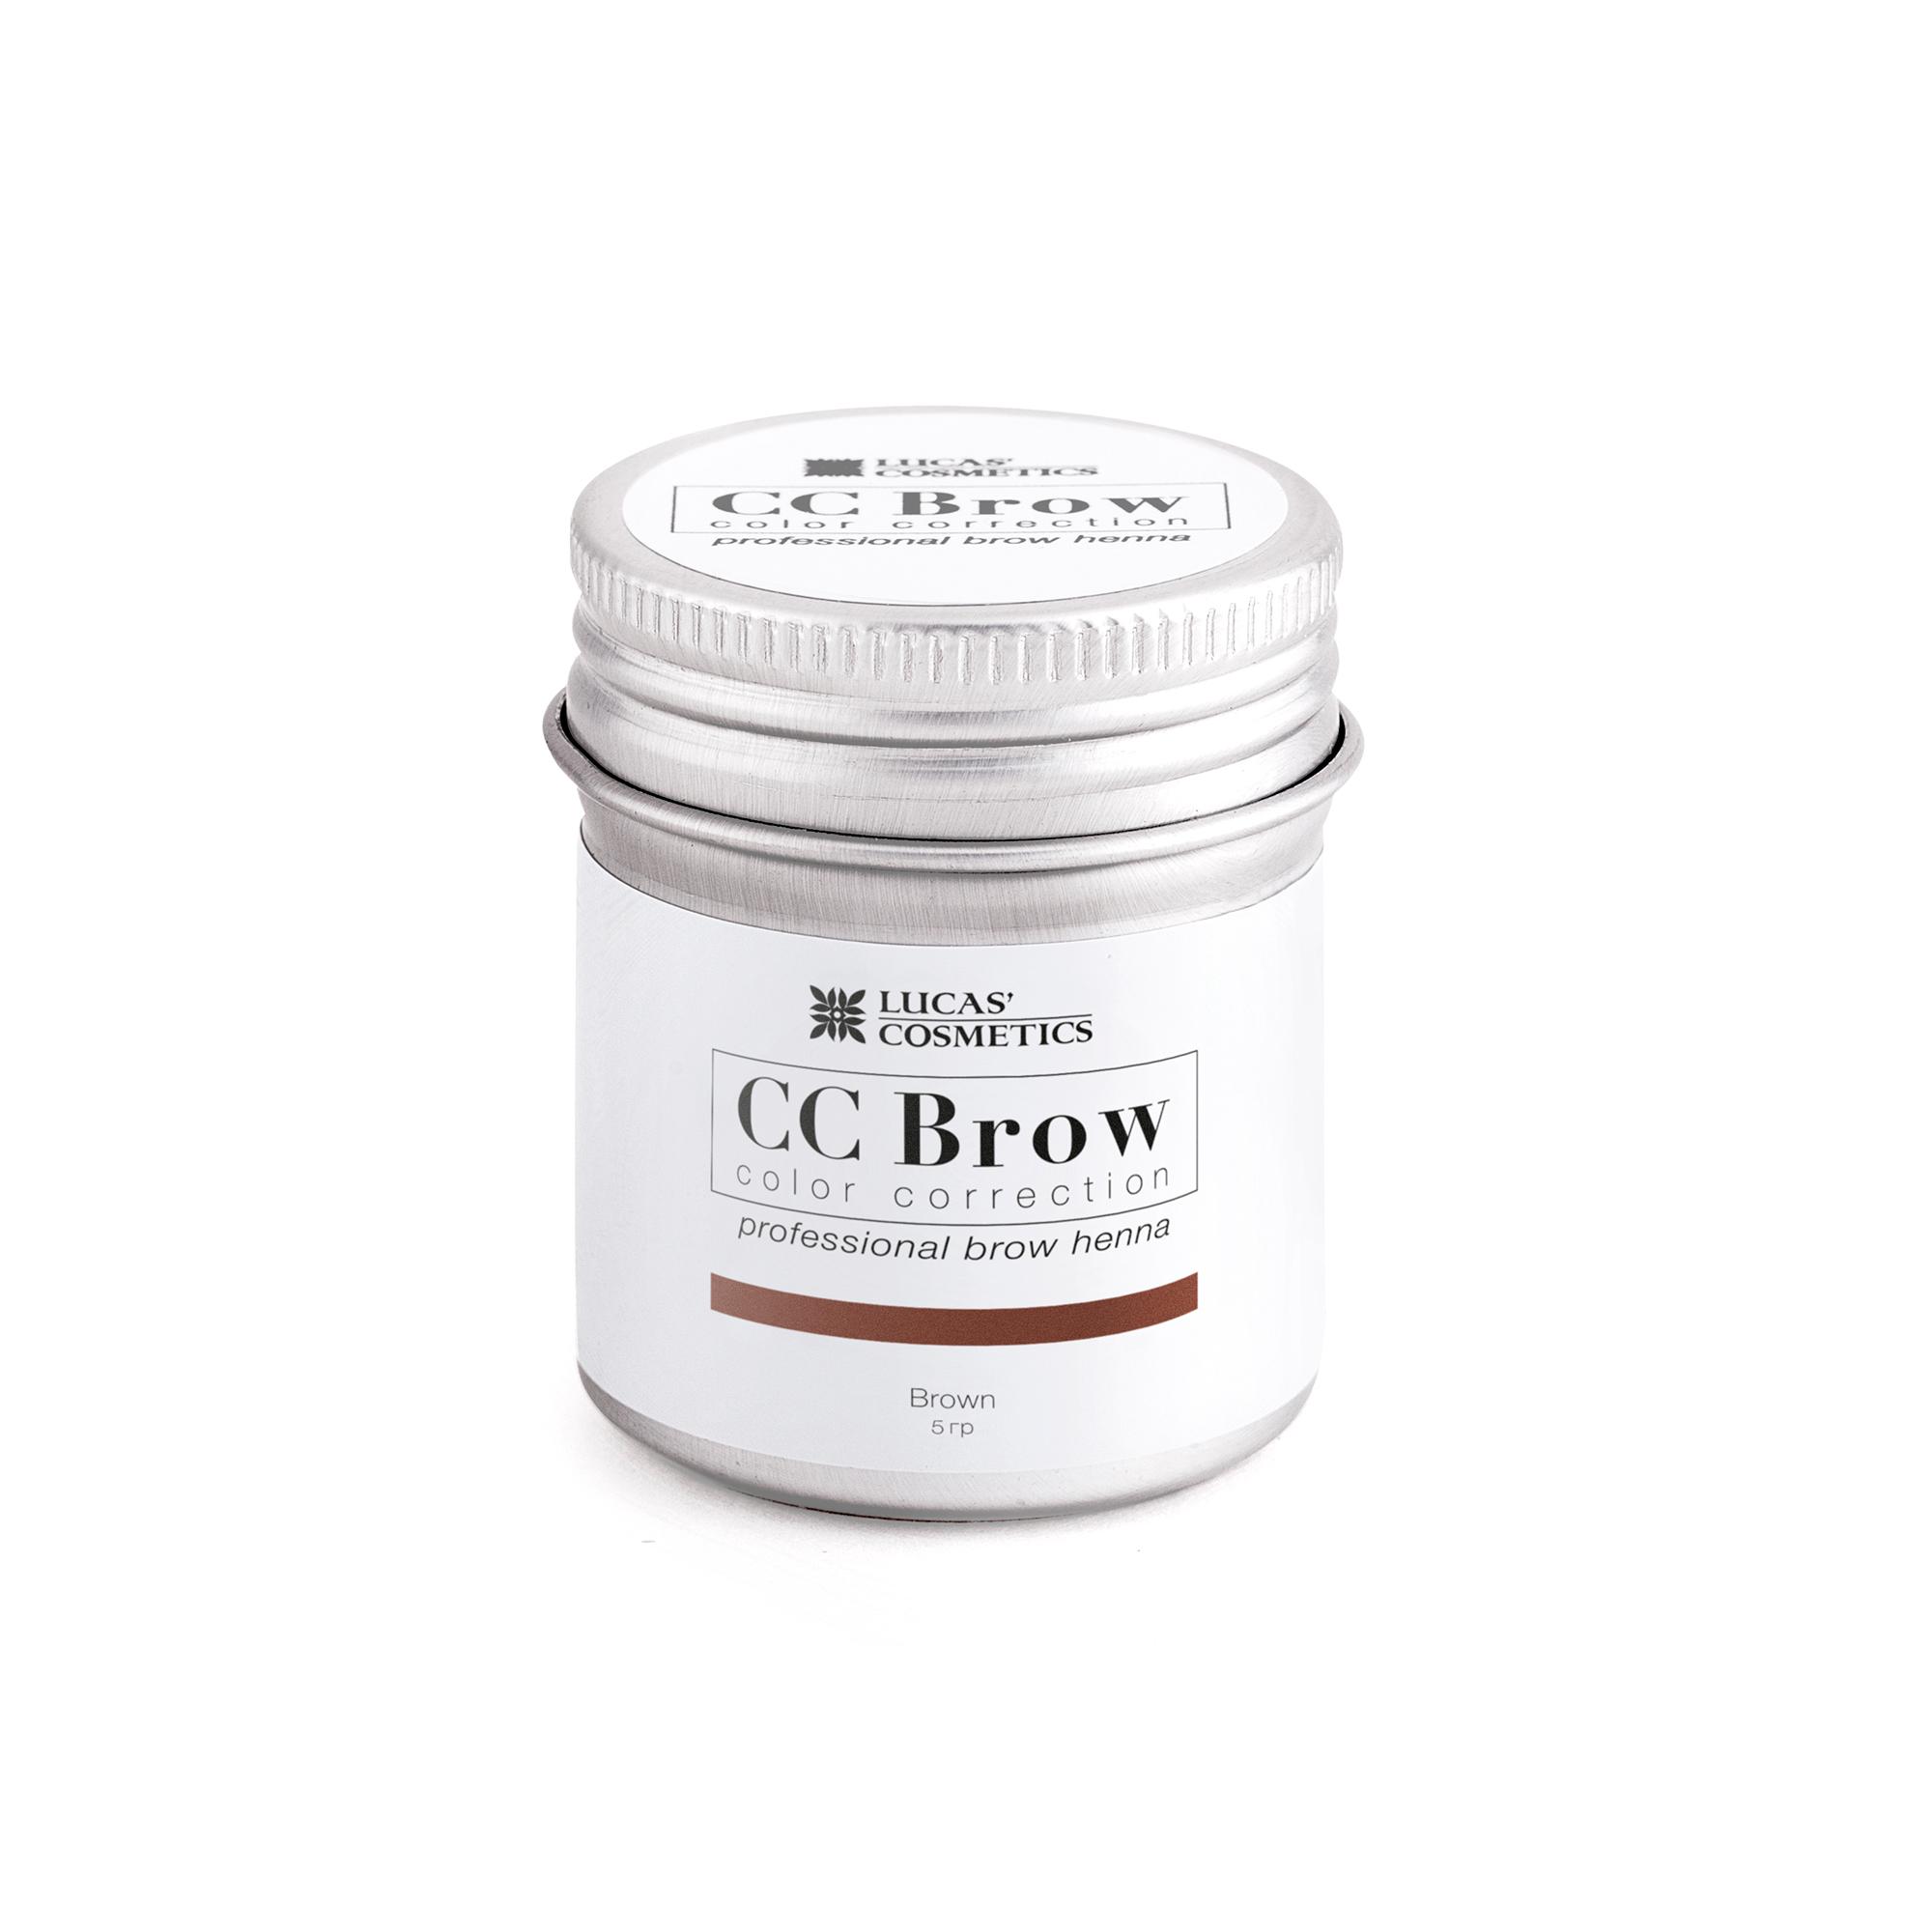 LUCAS' COSMETICS Хна для бровей, коричневый (в баночке) / CC Brow brown 5 г - Хна для бровей